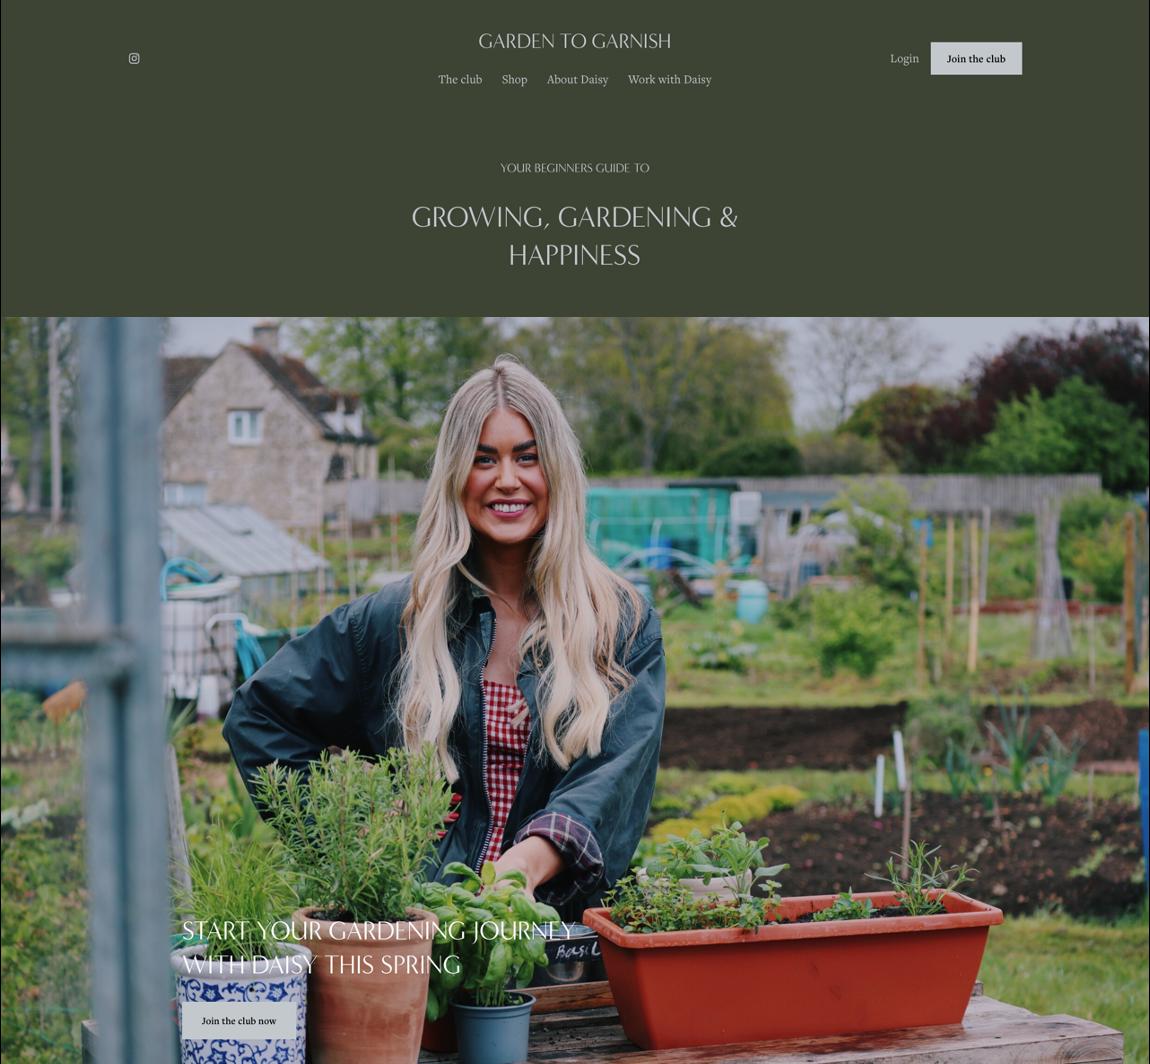 Garden To Garnish website